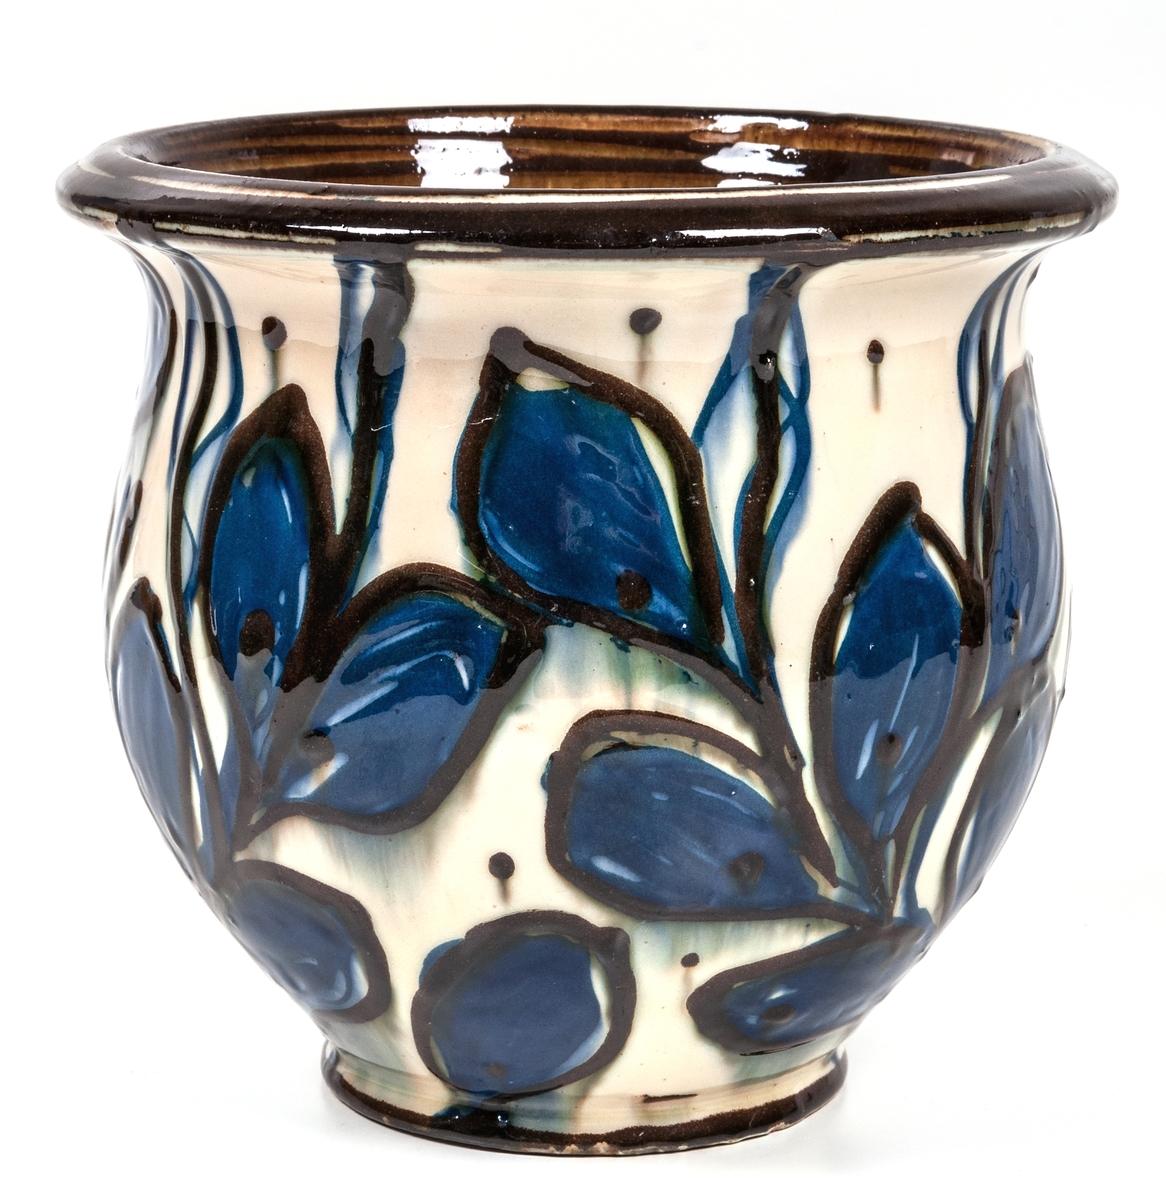 Blomkruka, keramik. Gul botten med blå land och bruna blommor. Stämpel; HAK Danmark.